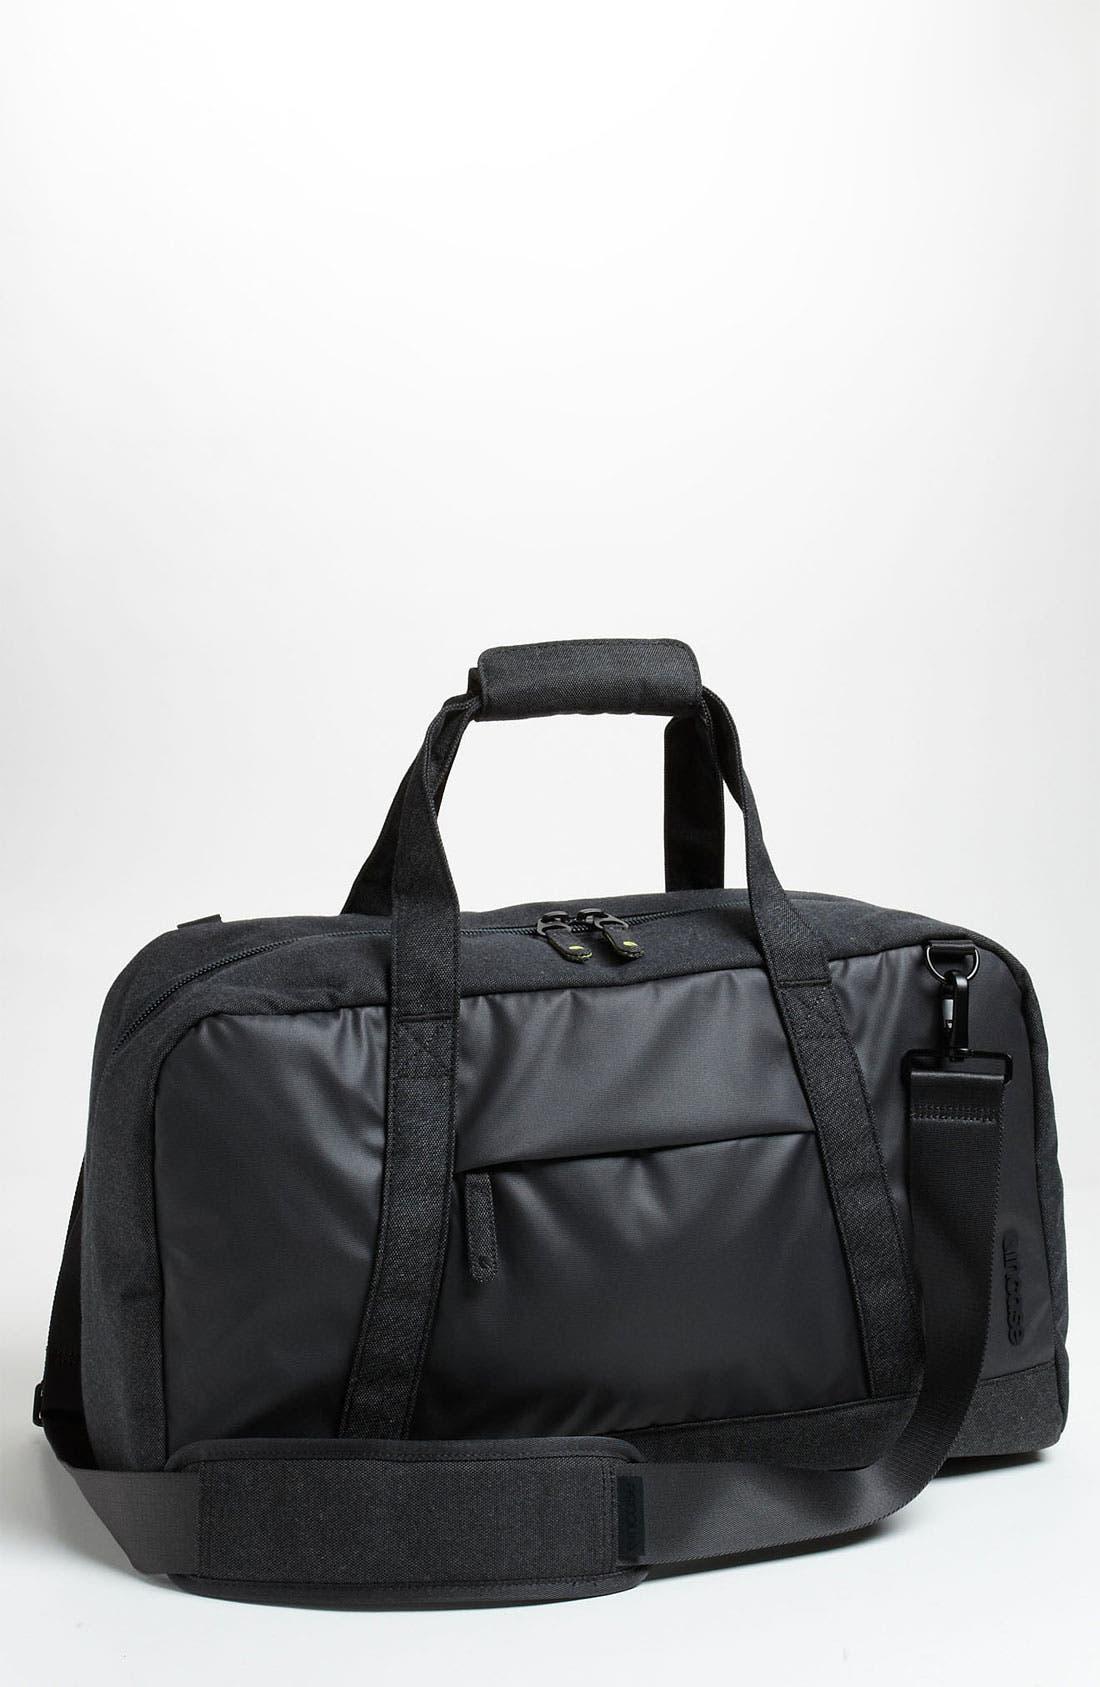 Main Image - Incase 'EO' Travel Duffel Bag